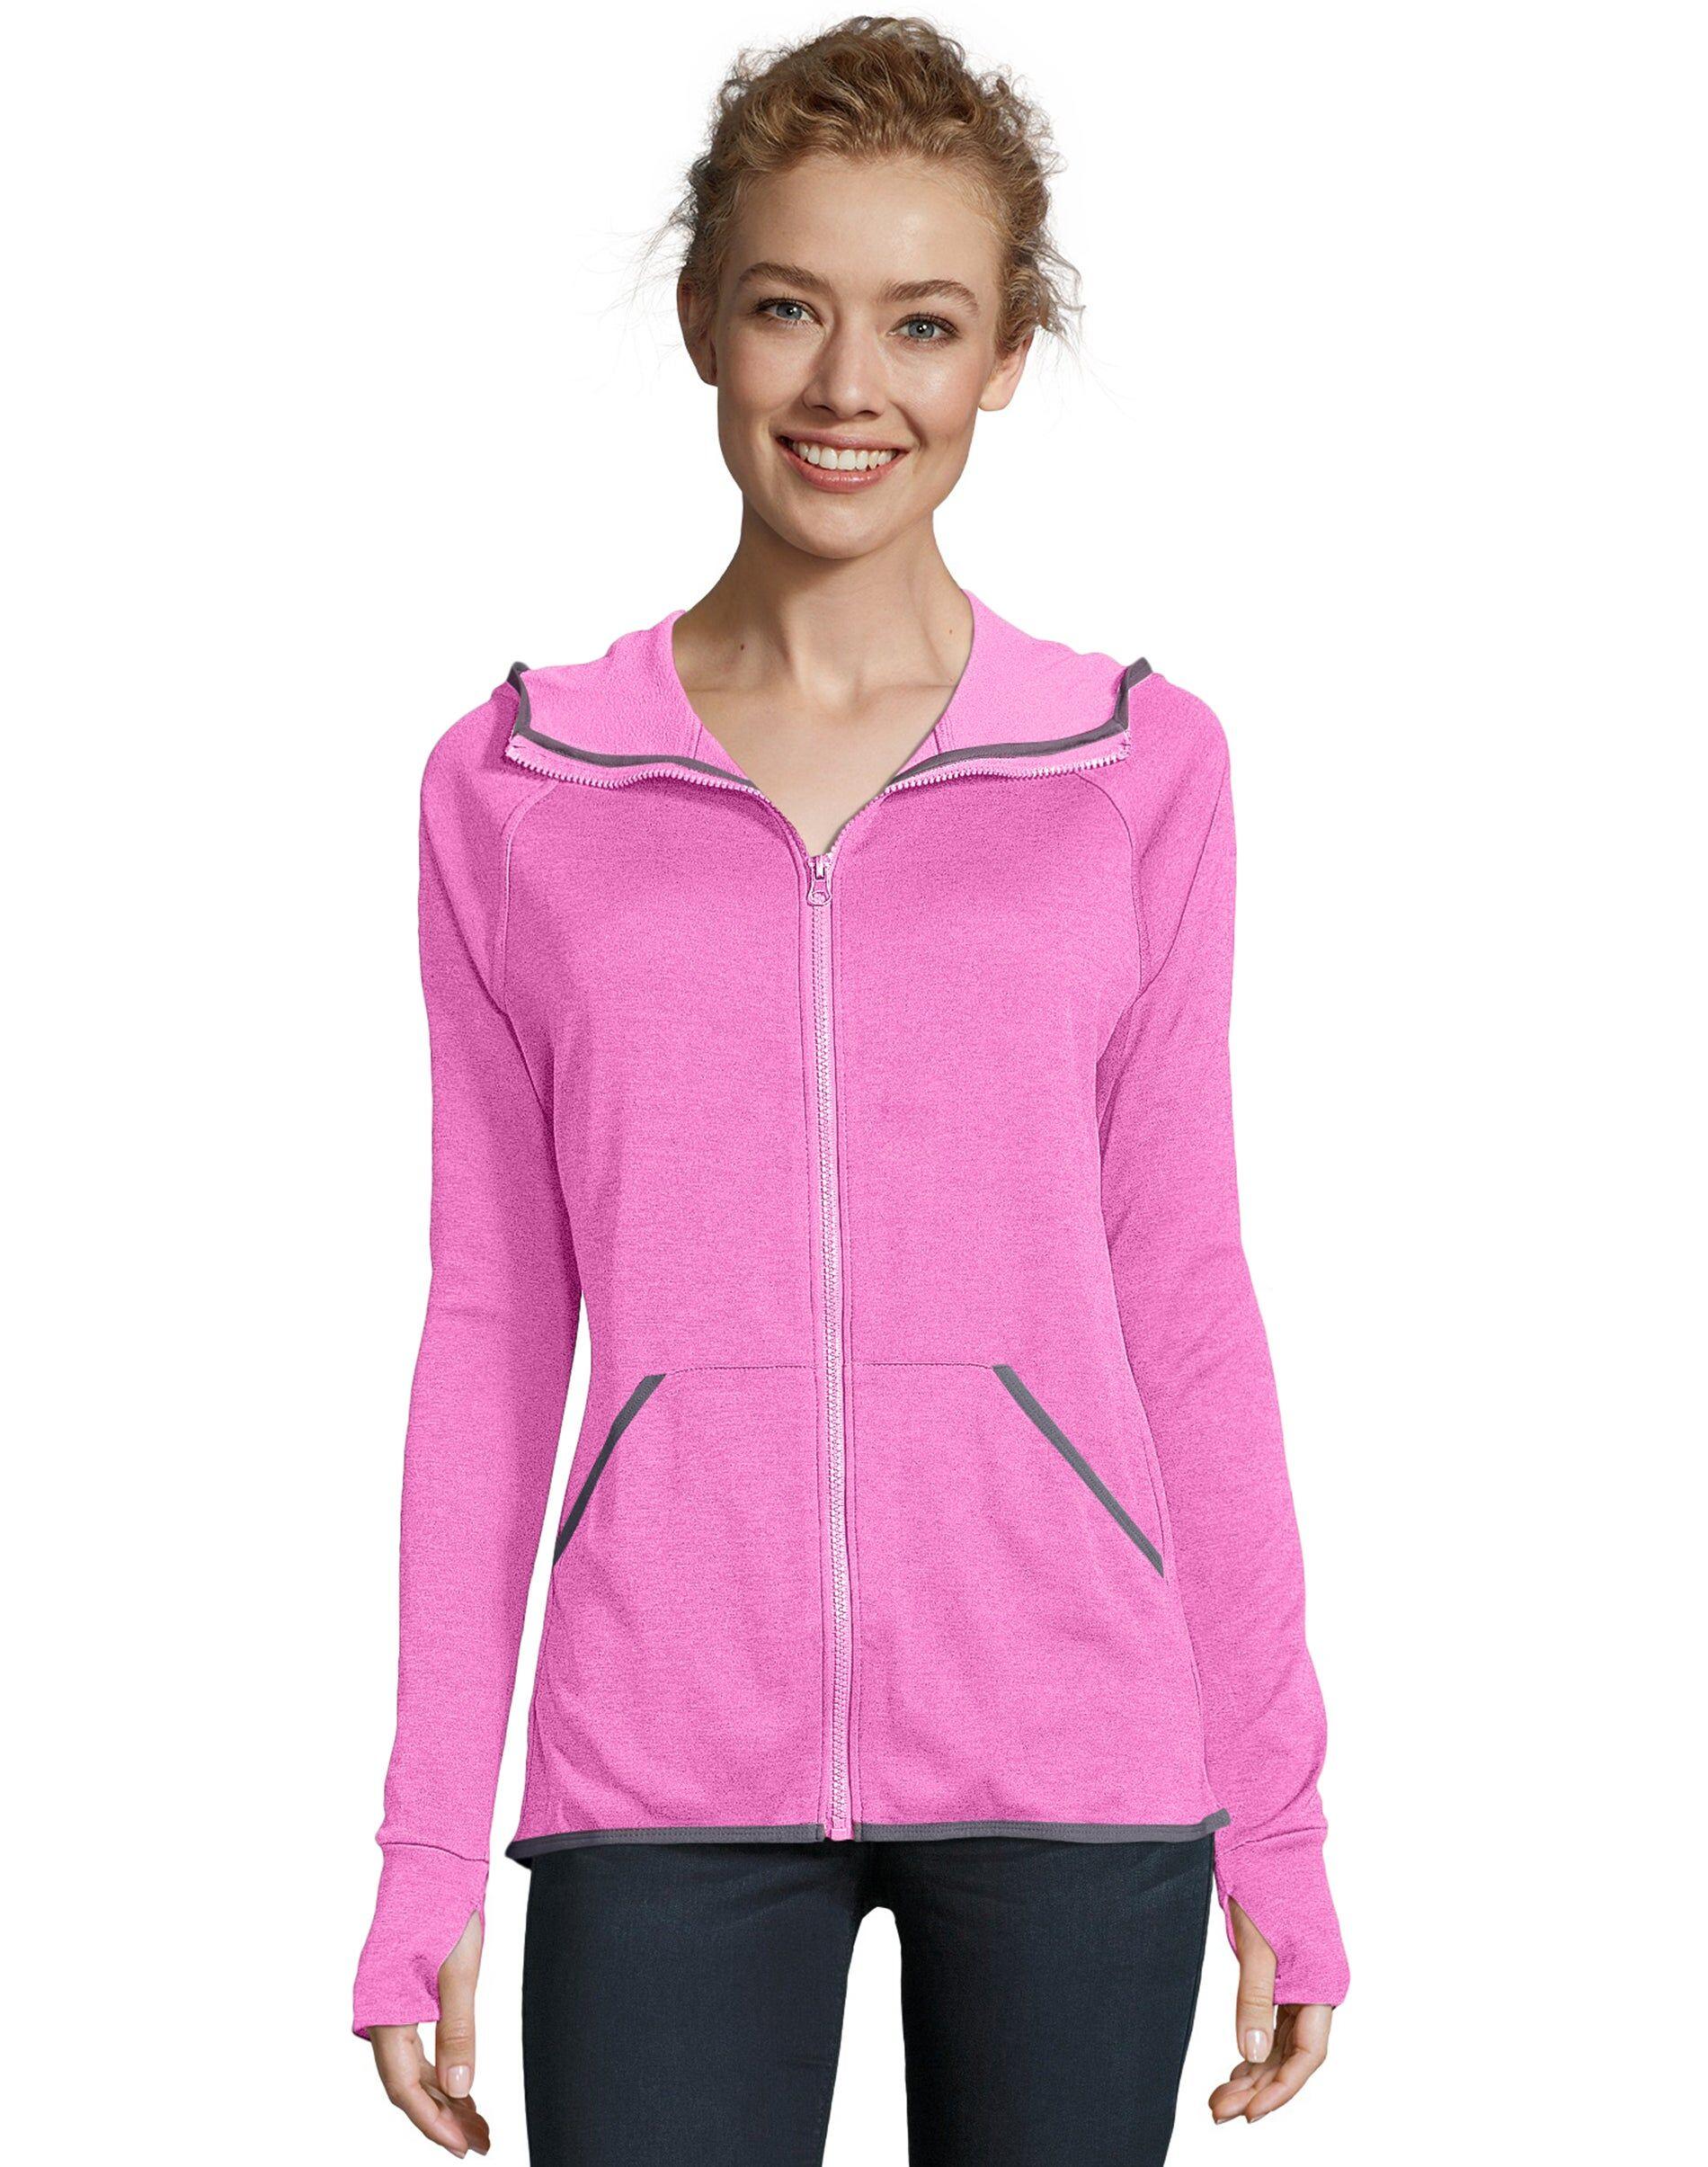 Hanes Sport Women's Performance Fleece Zip Up Hoodie Fresh Berry Heather M